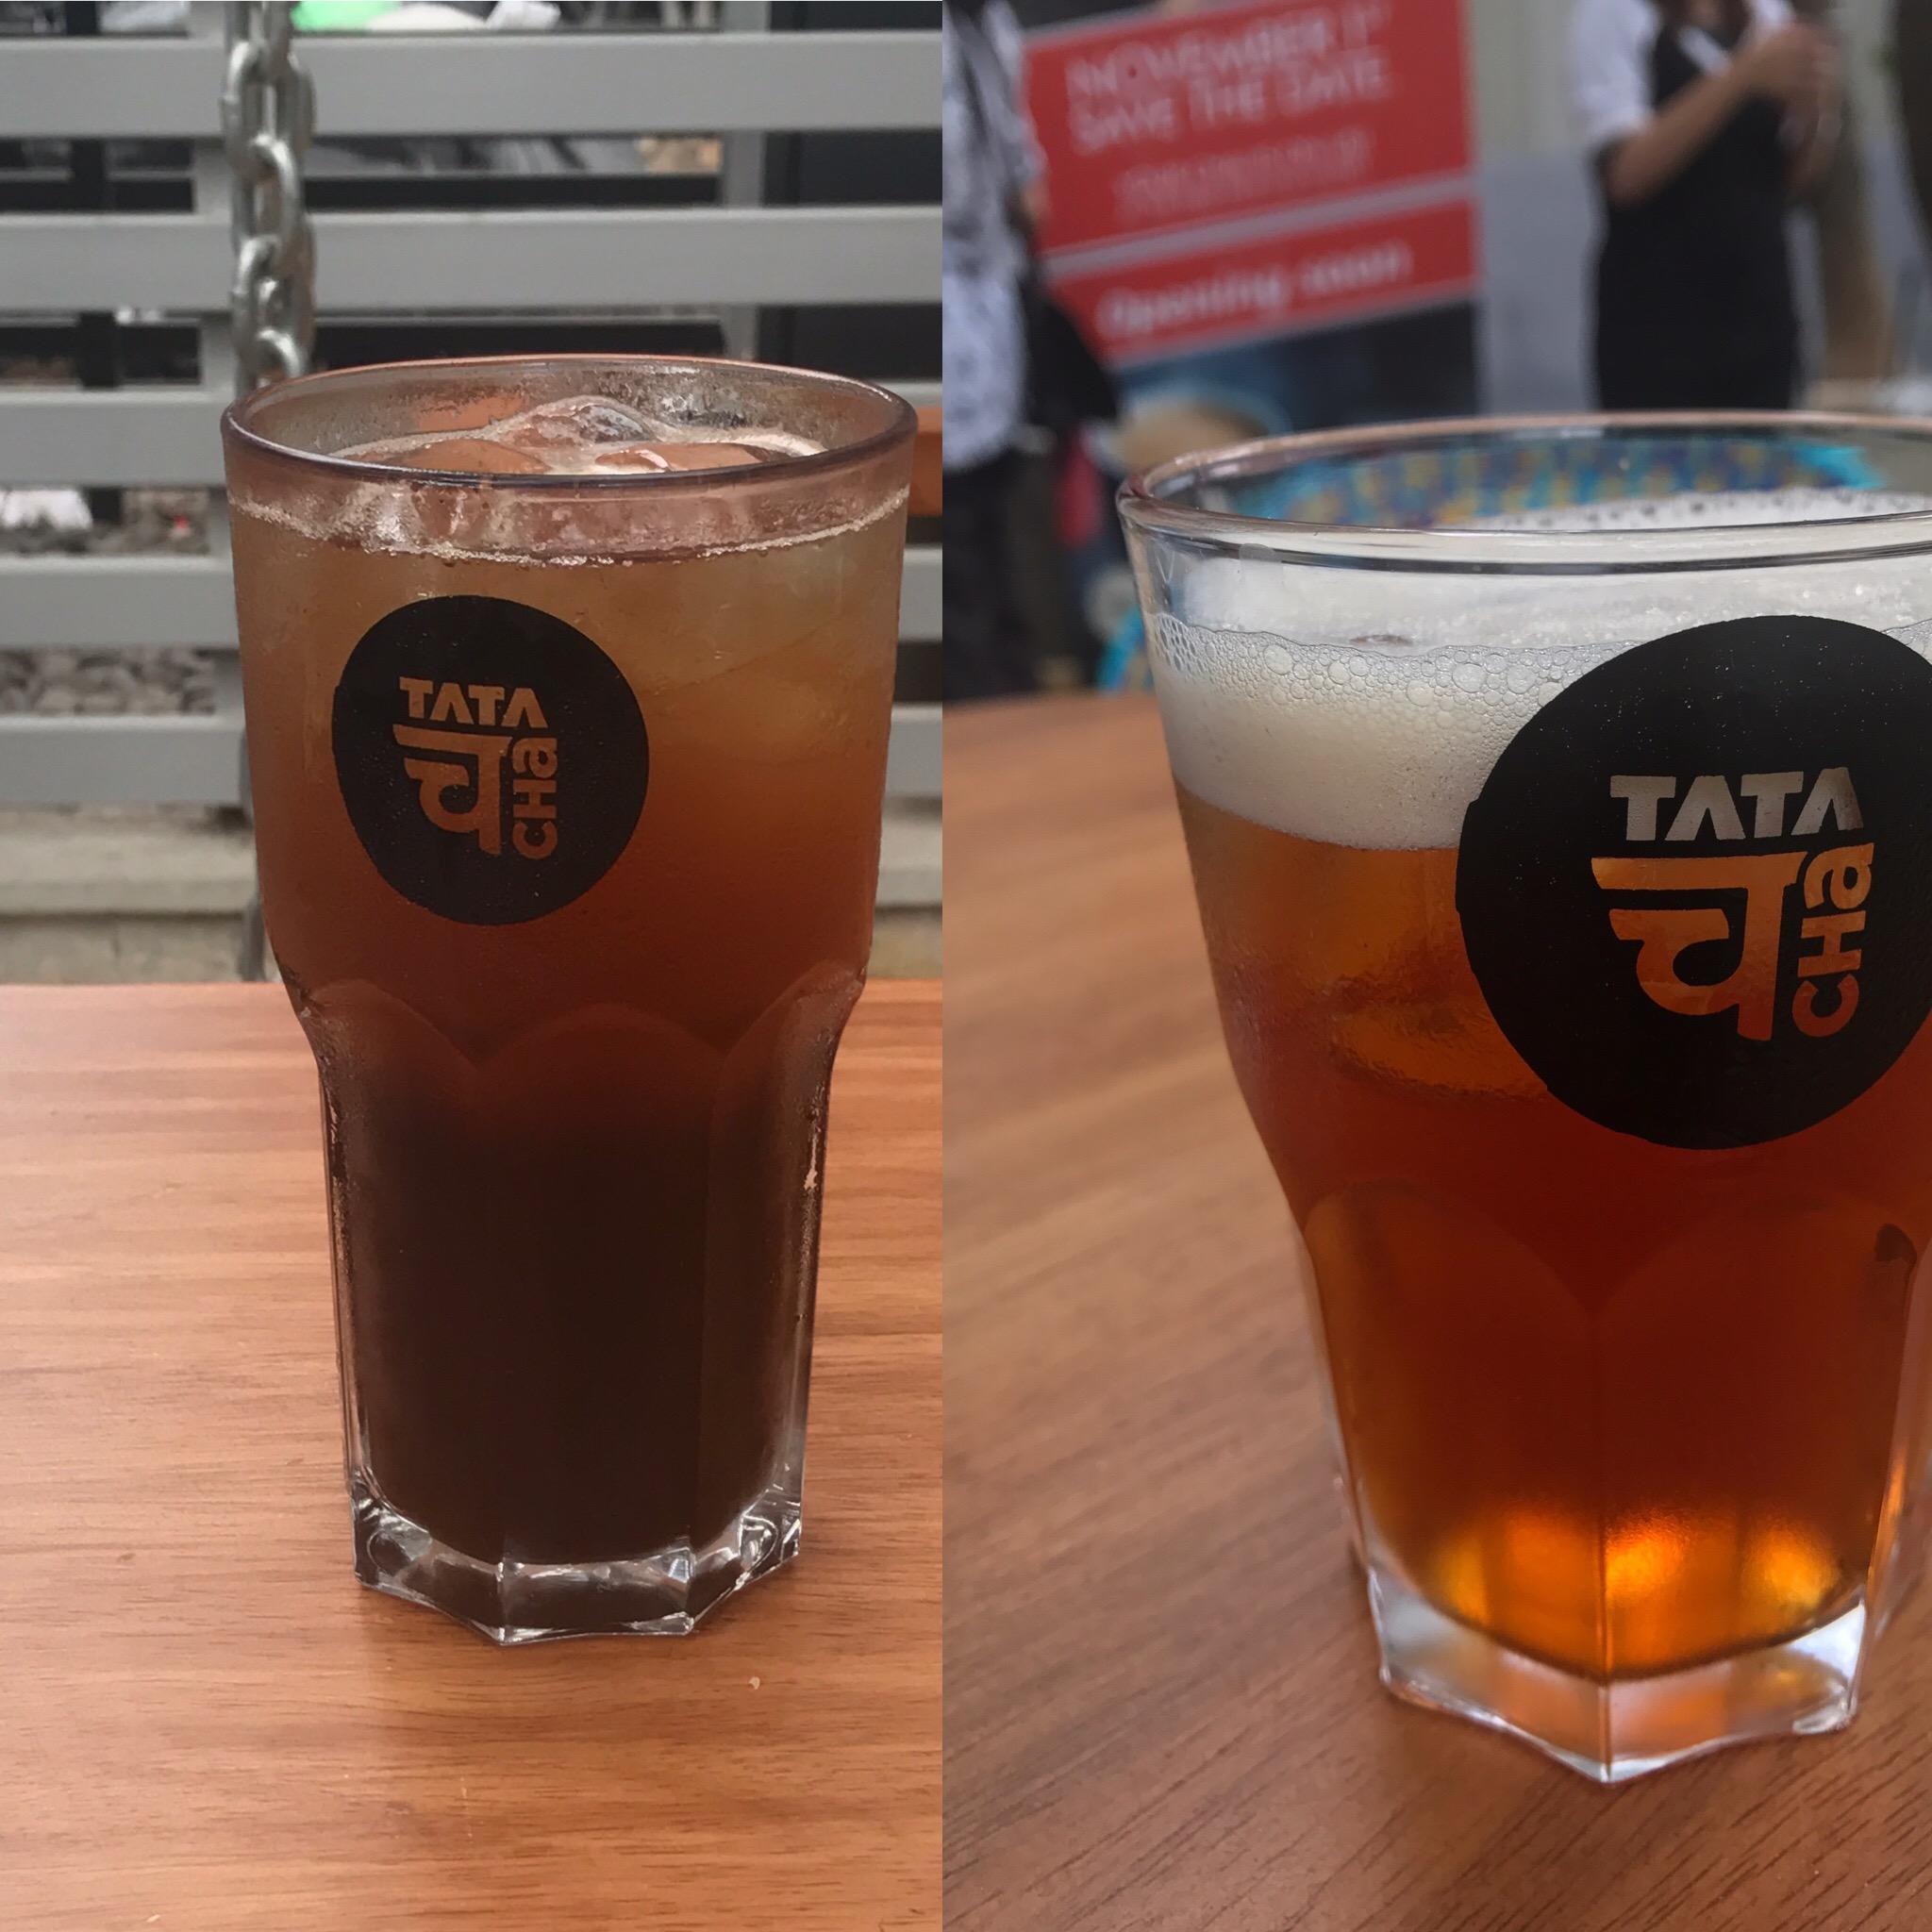 tata-cha-healthy-menu